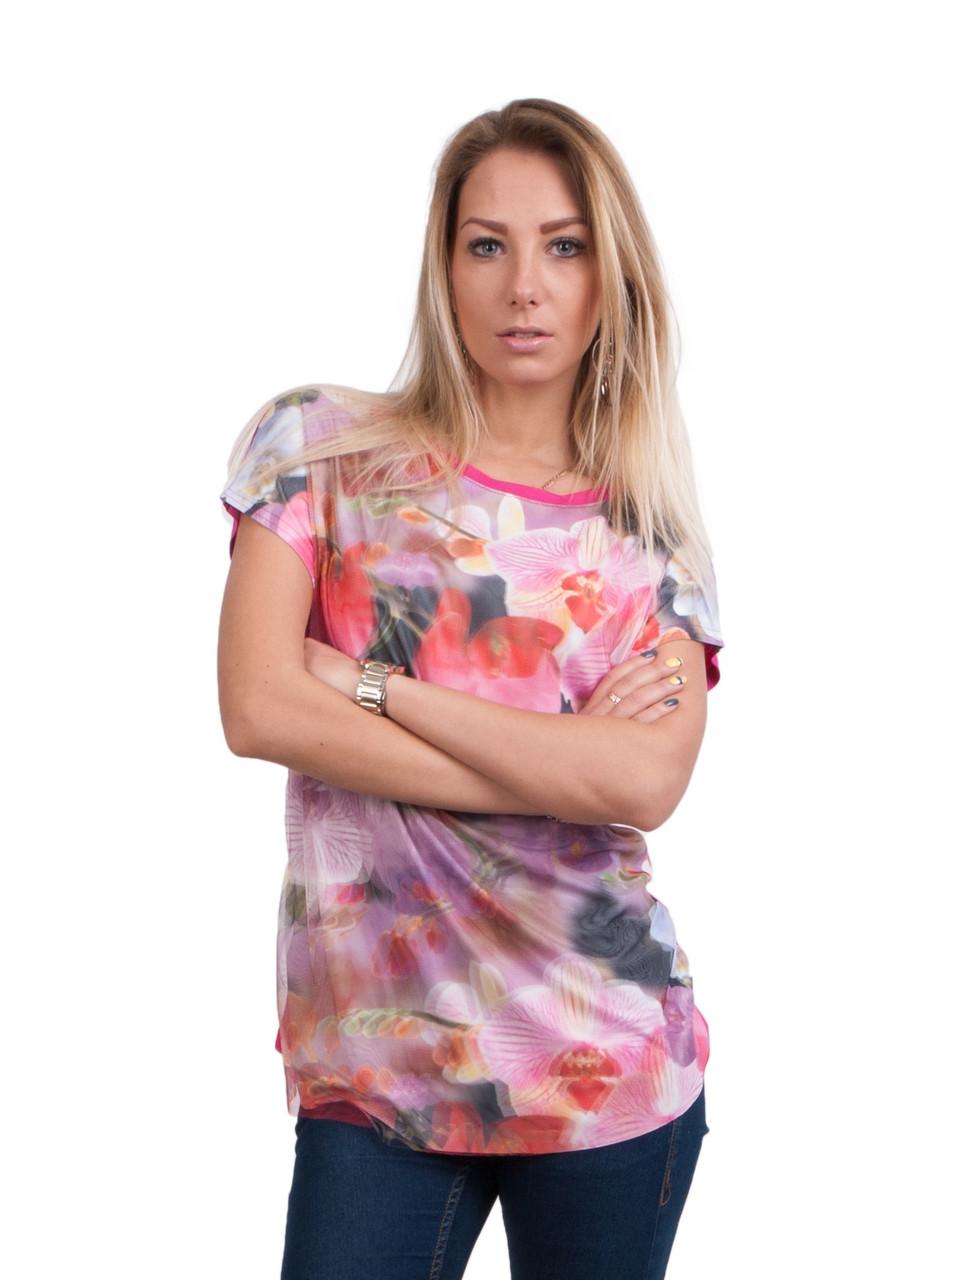 Турецкая брендовая одежда интернет магазин